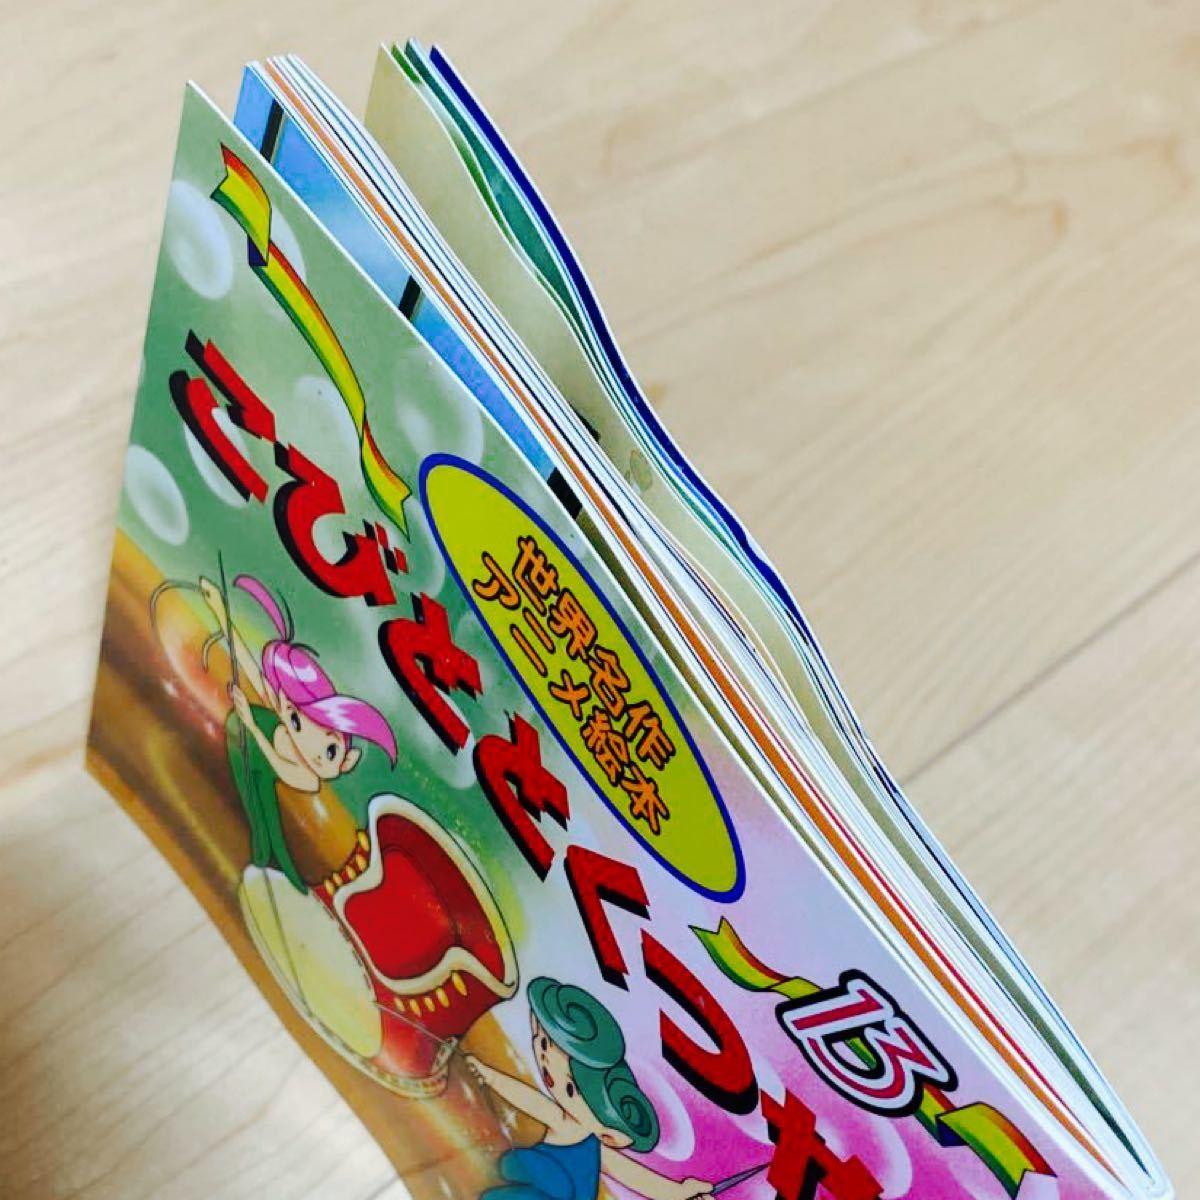 世界名作アニメ絵本 5冊セット 9 12 13 14 31